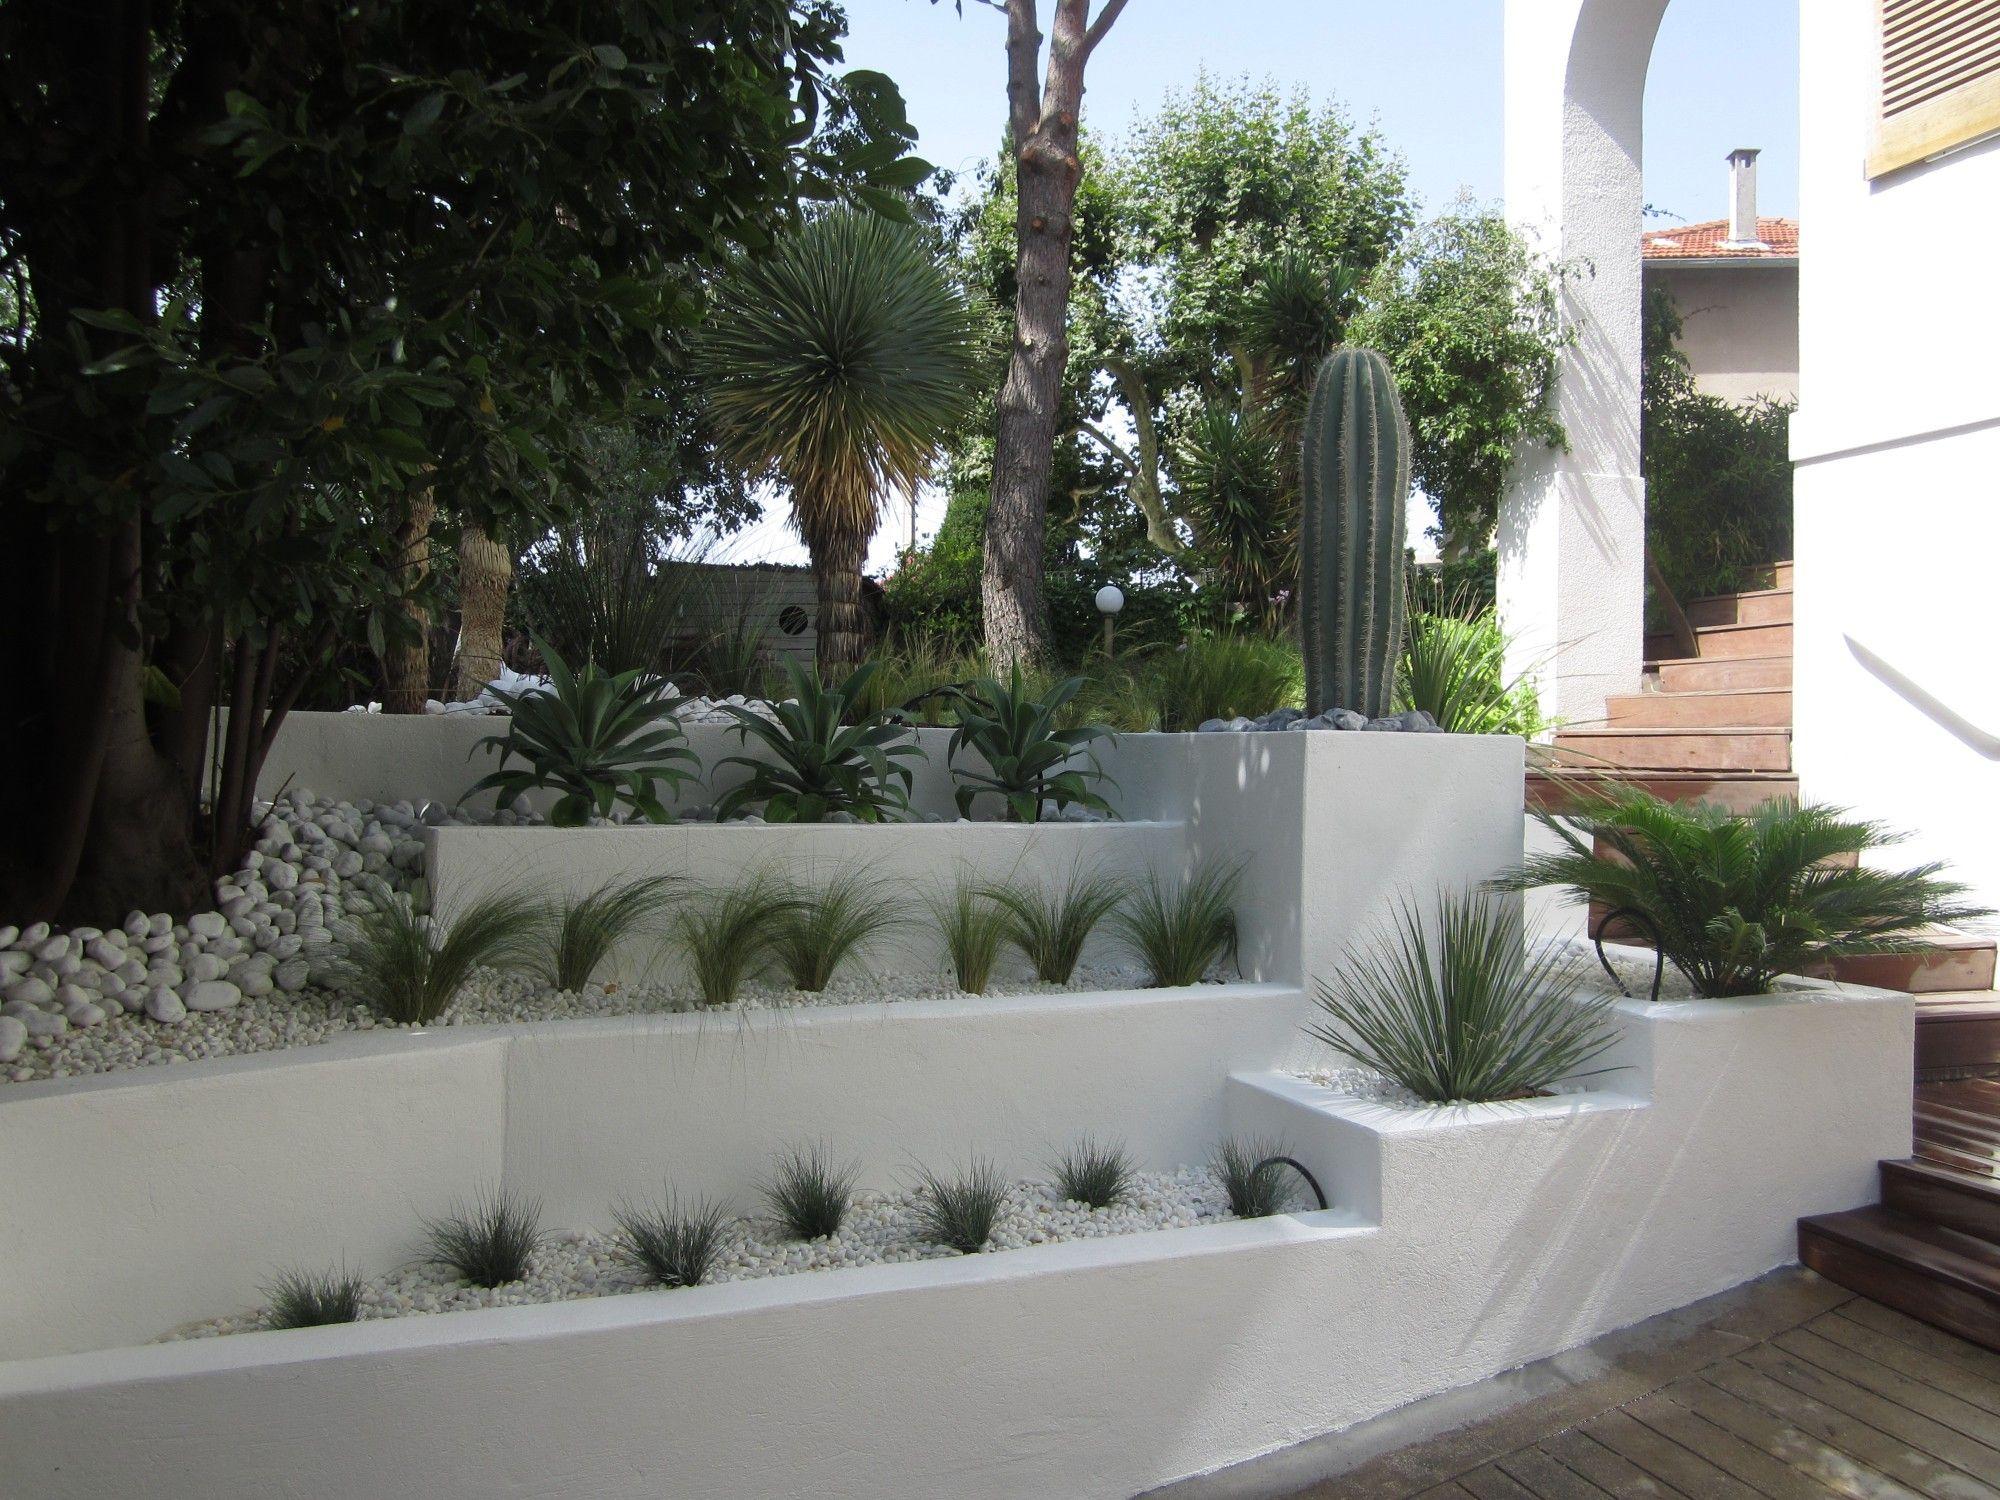 Voici Un Exemple D'aménagement De L'entrée Principale D'une ... intérieur Exemple D Aménagement De Jardin